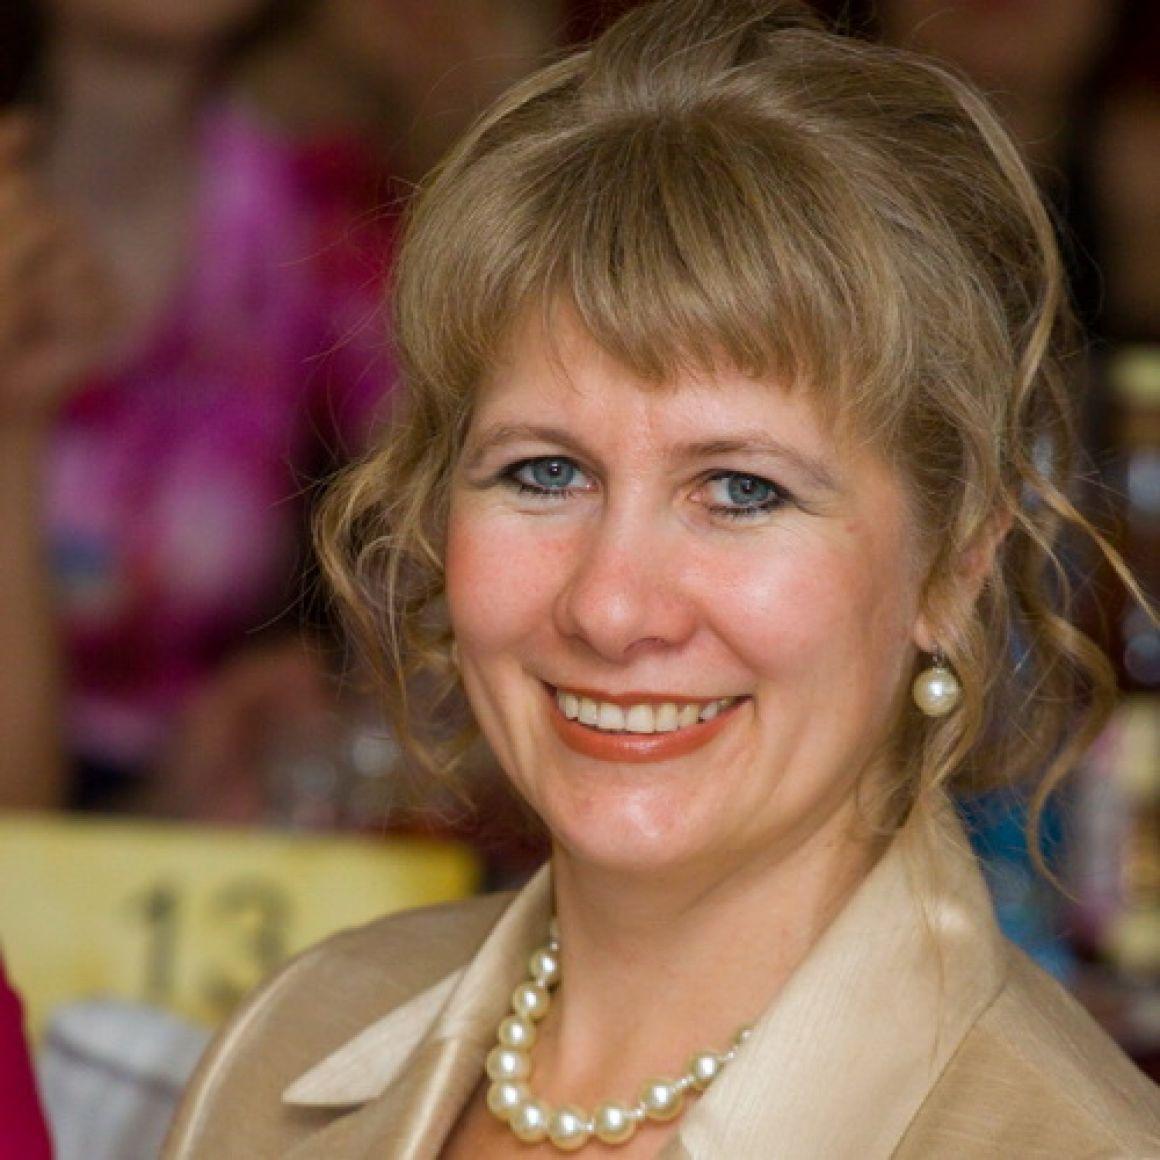 Цимбал Наталья Юрьевна, генеральный директор